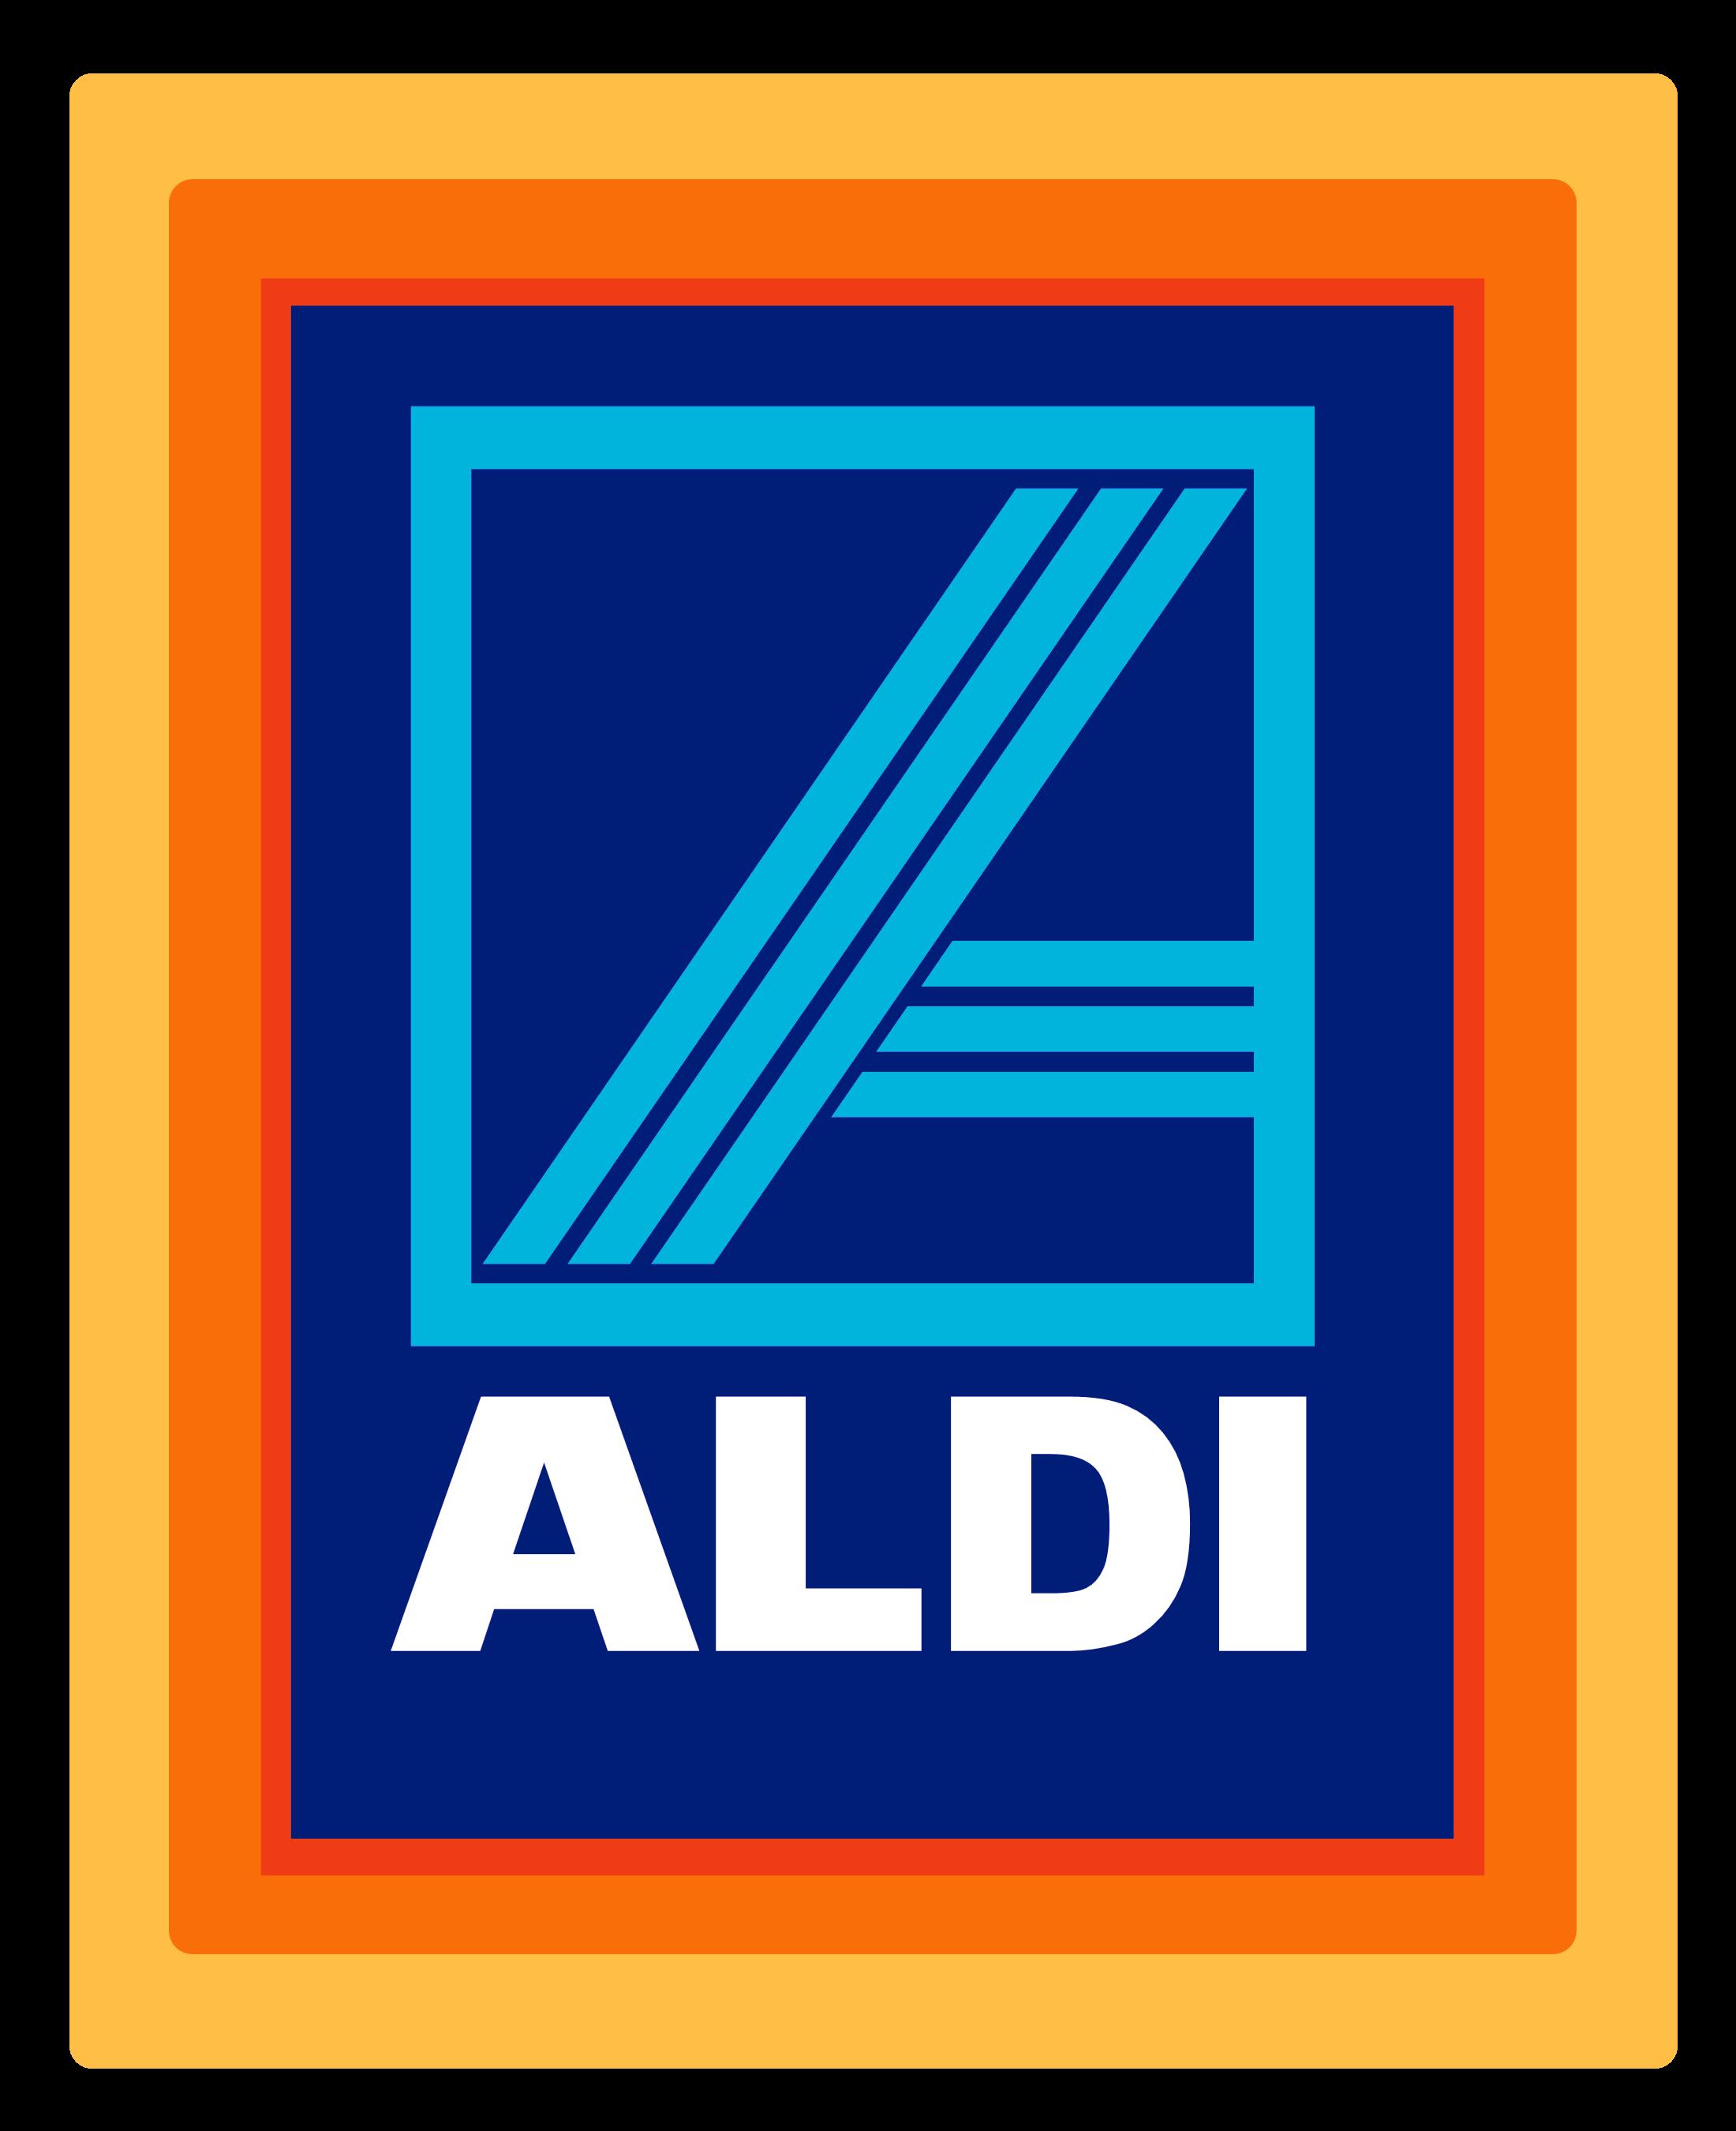 Aldi_logo_symbol